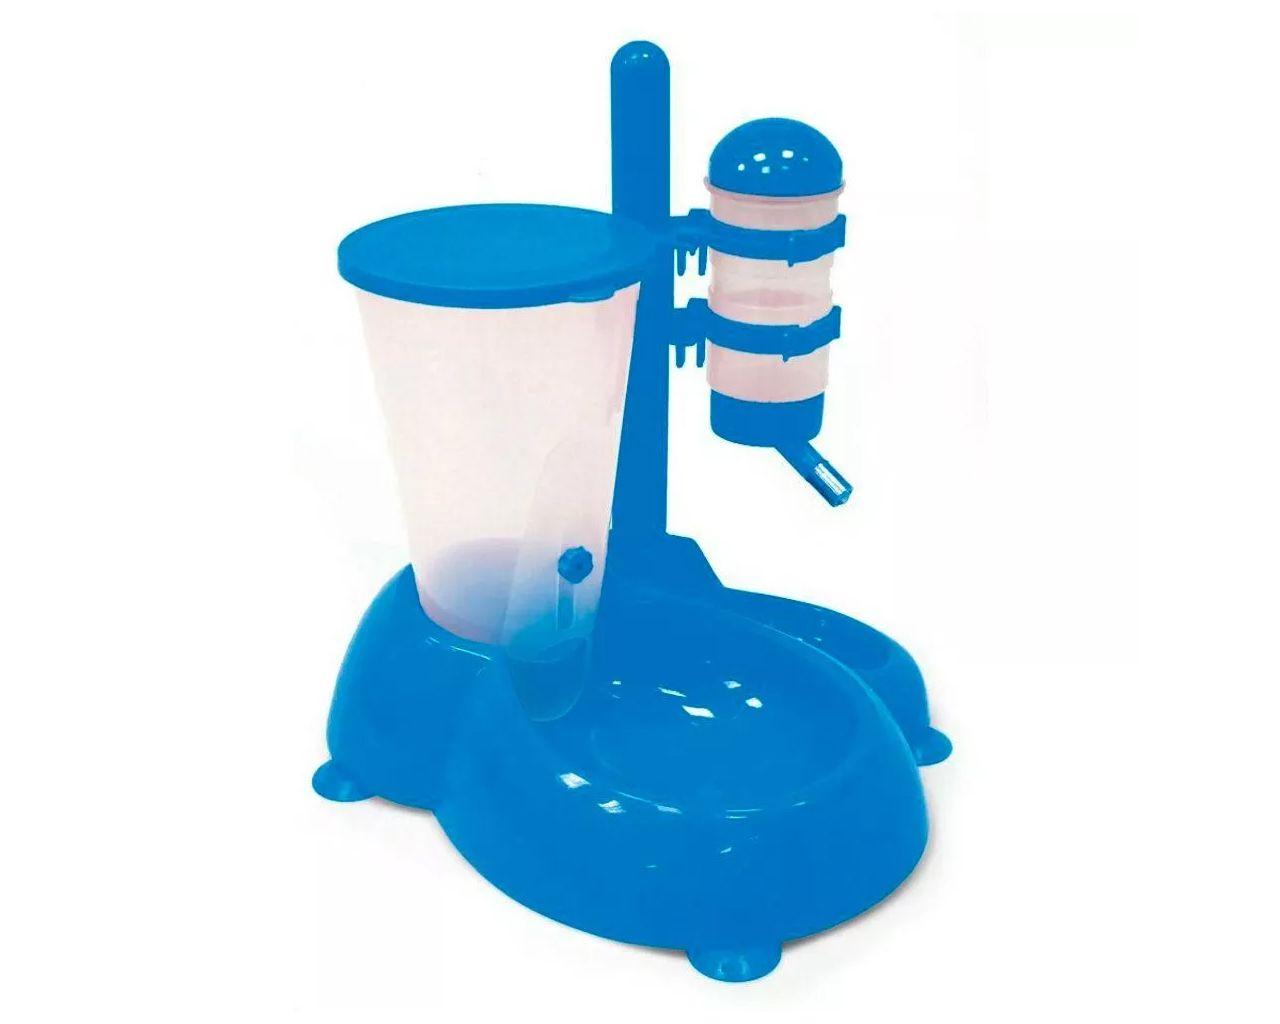 Bebedouro De Bilha E Alimentador Comedouro Automático para cachorro ou gato Chalesco Azul